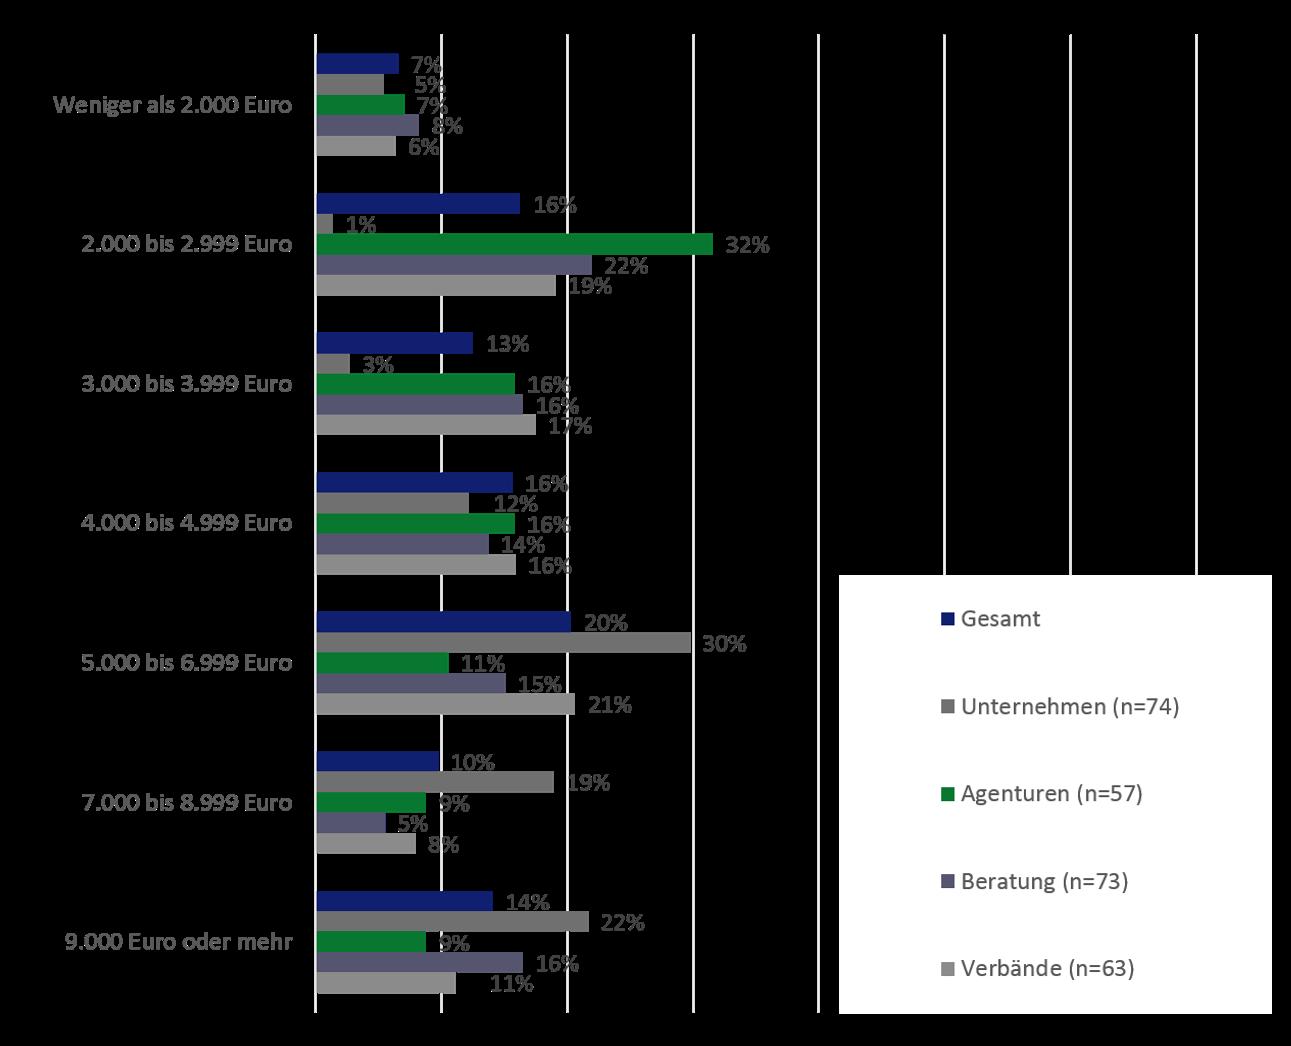 Grafik 1 : Unterschiede innerhalb der Branche